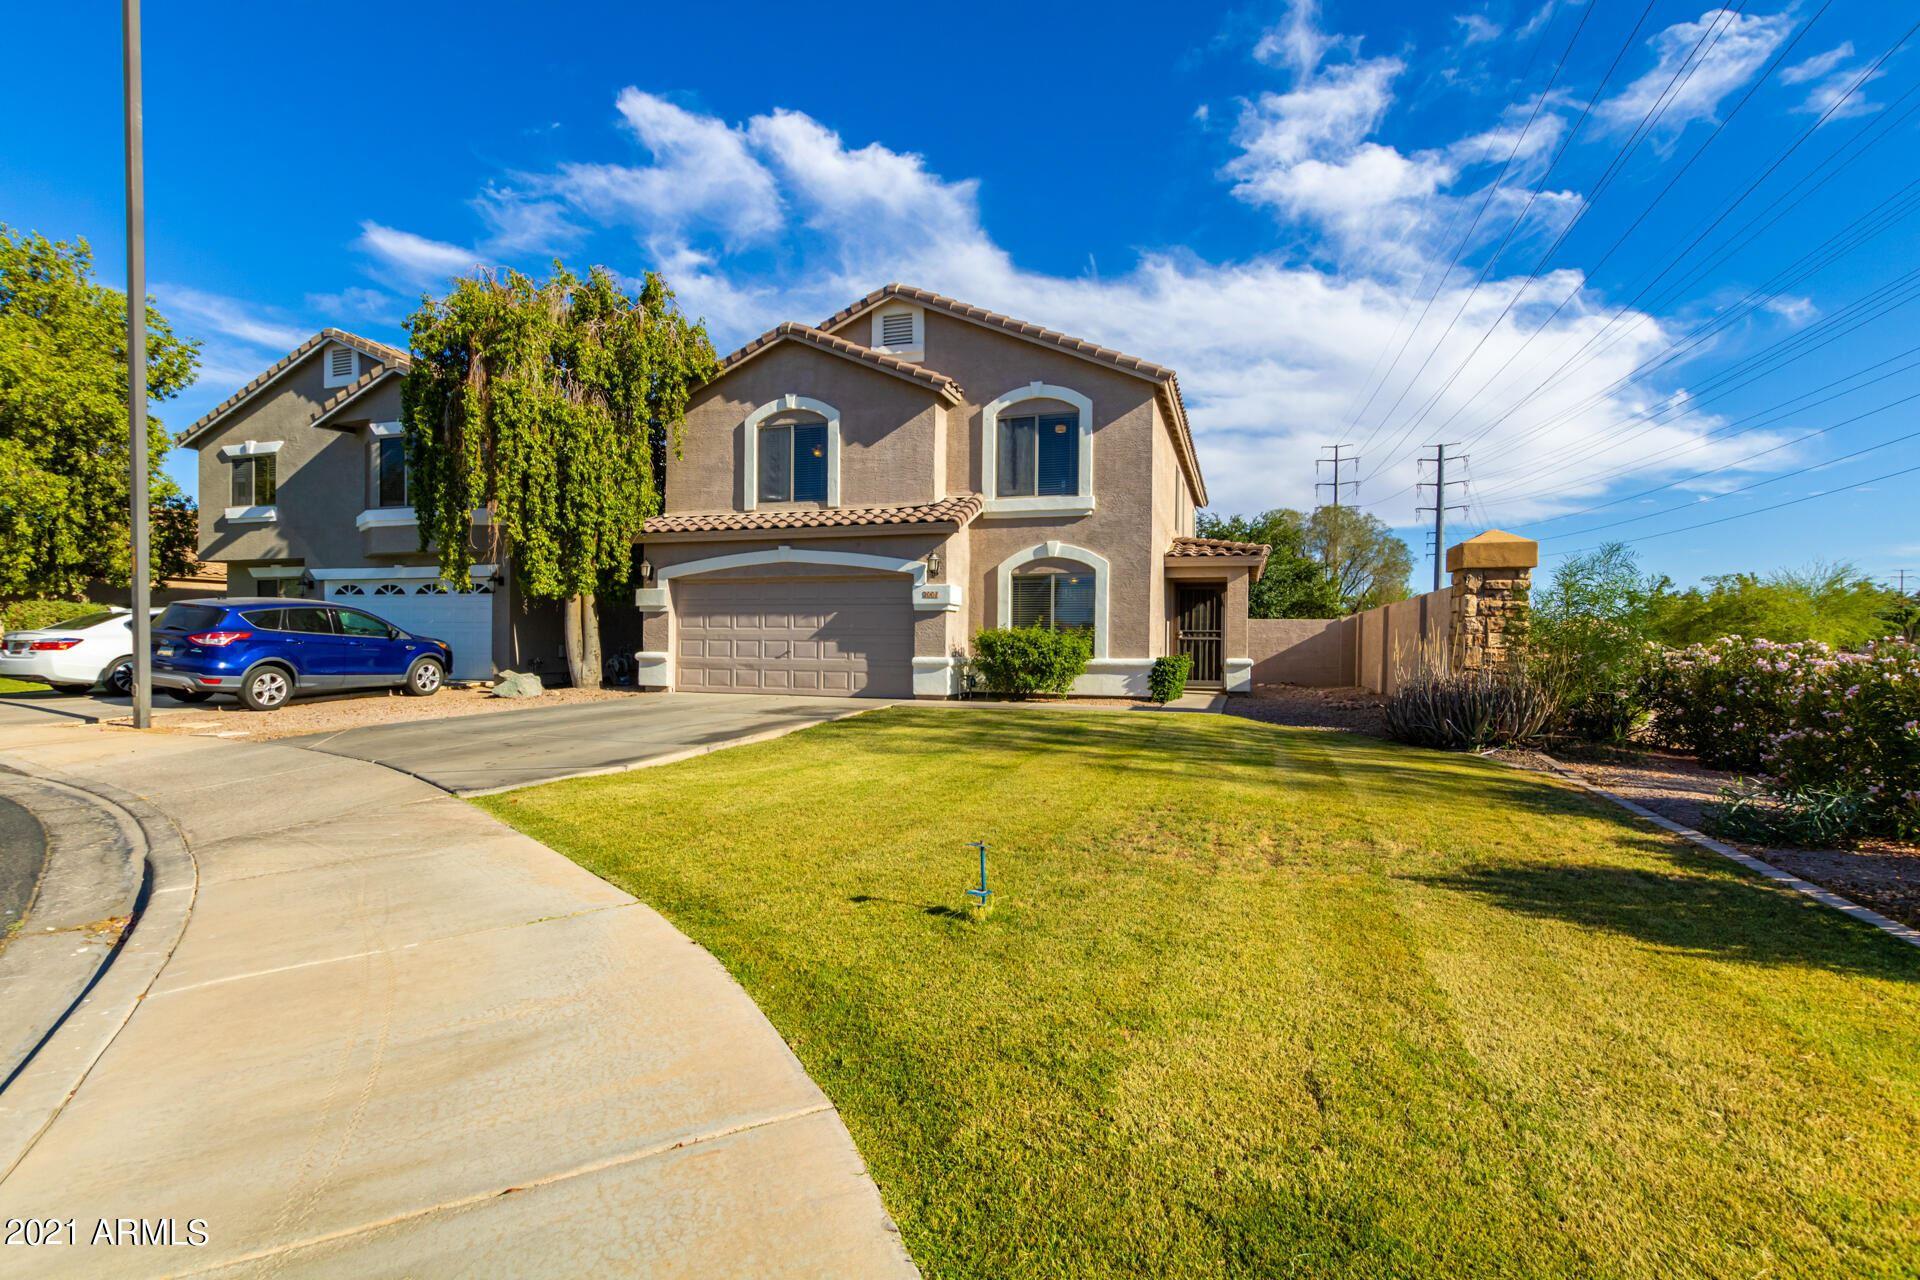 Photo of 2001 E APPALOOSA Road, Gilbert, AZ 85296 (MLS # 6249468)